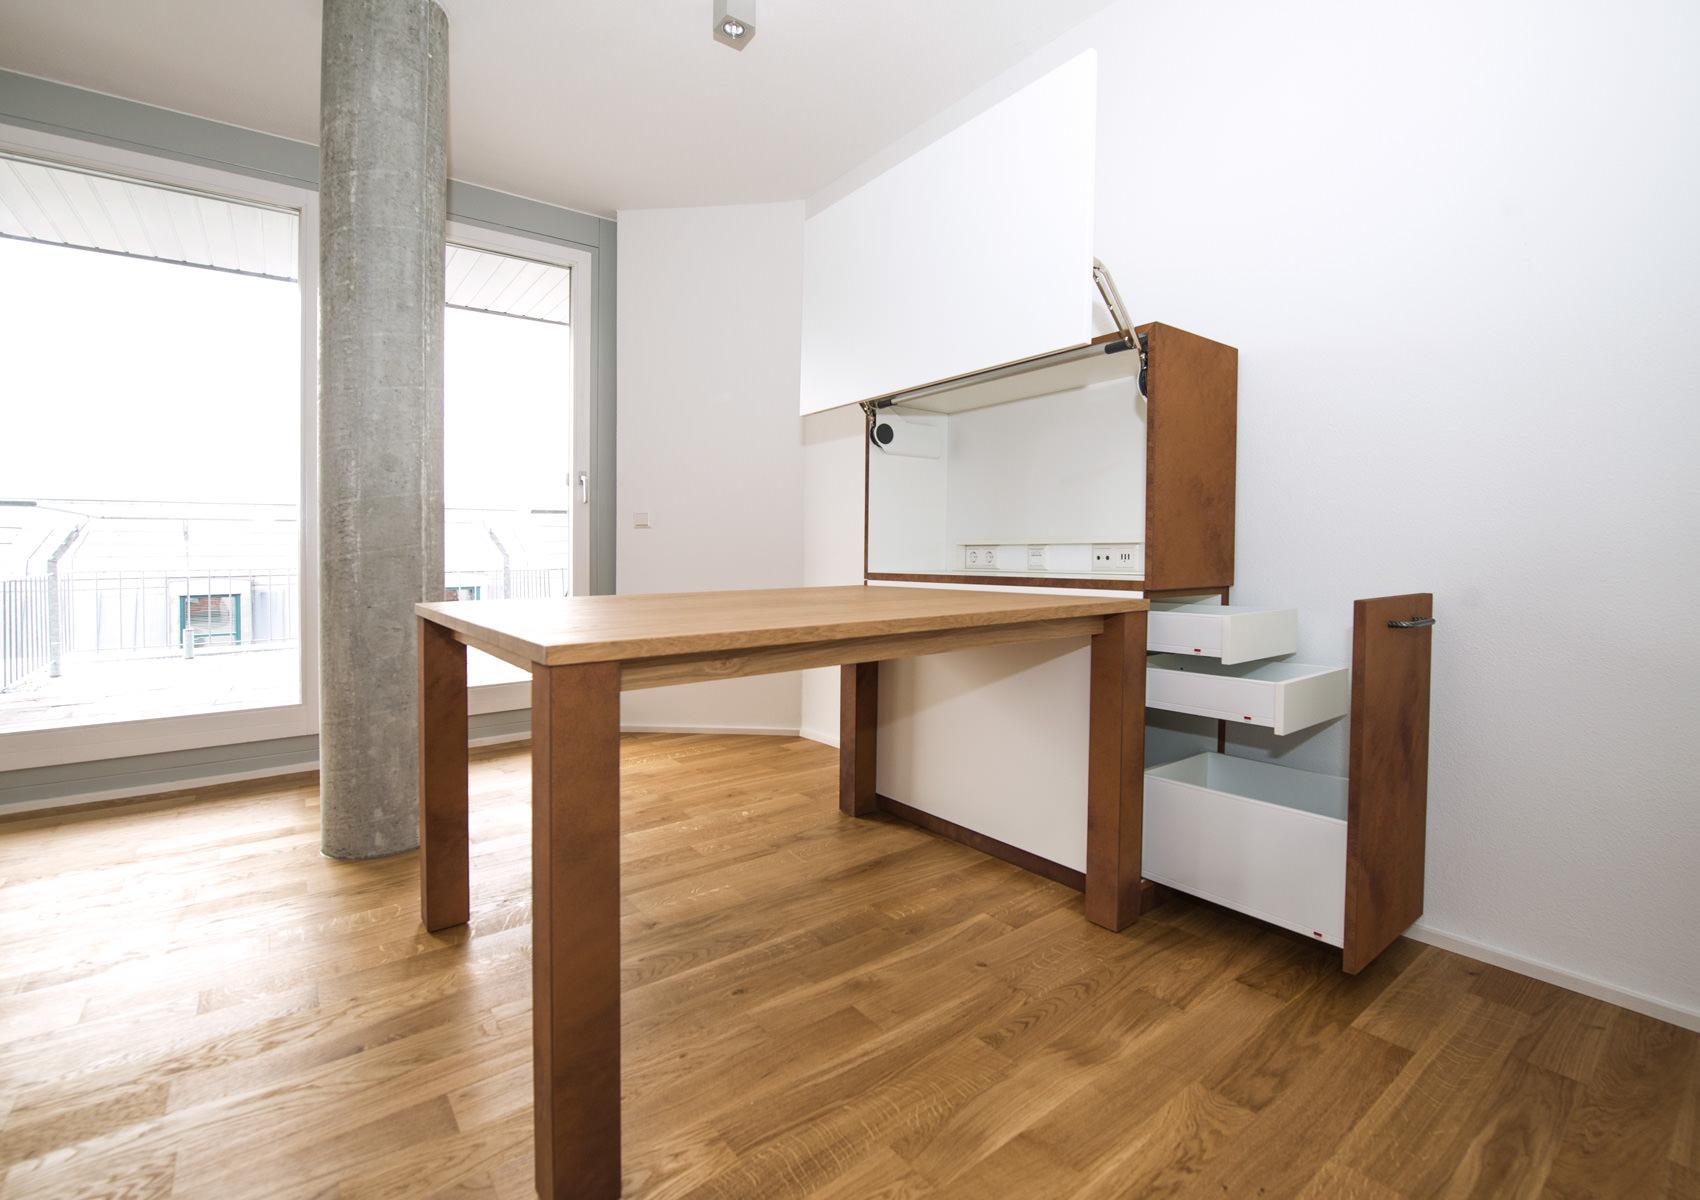 Einbauschrank Küche   Wie Bauherren Die Treppe Geschickt ...